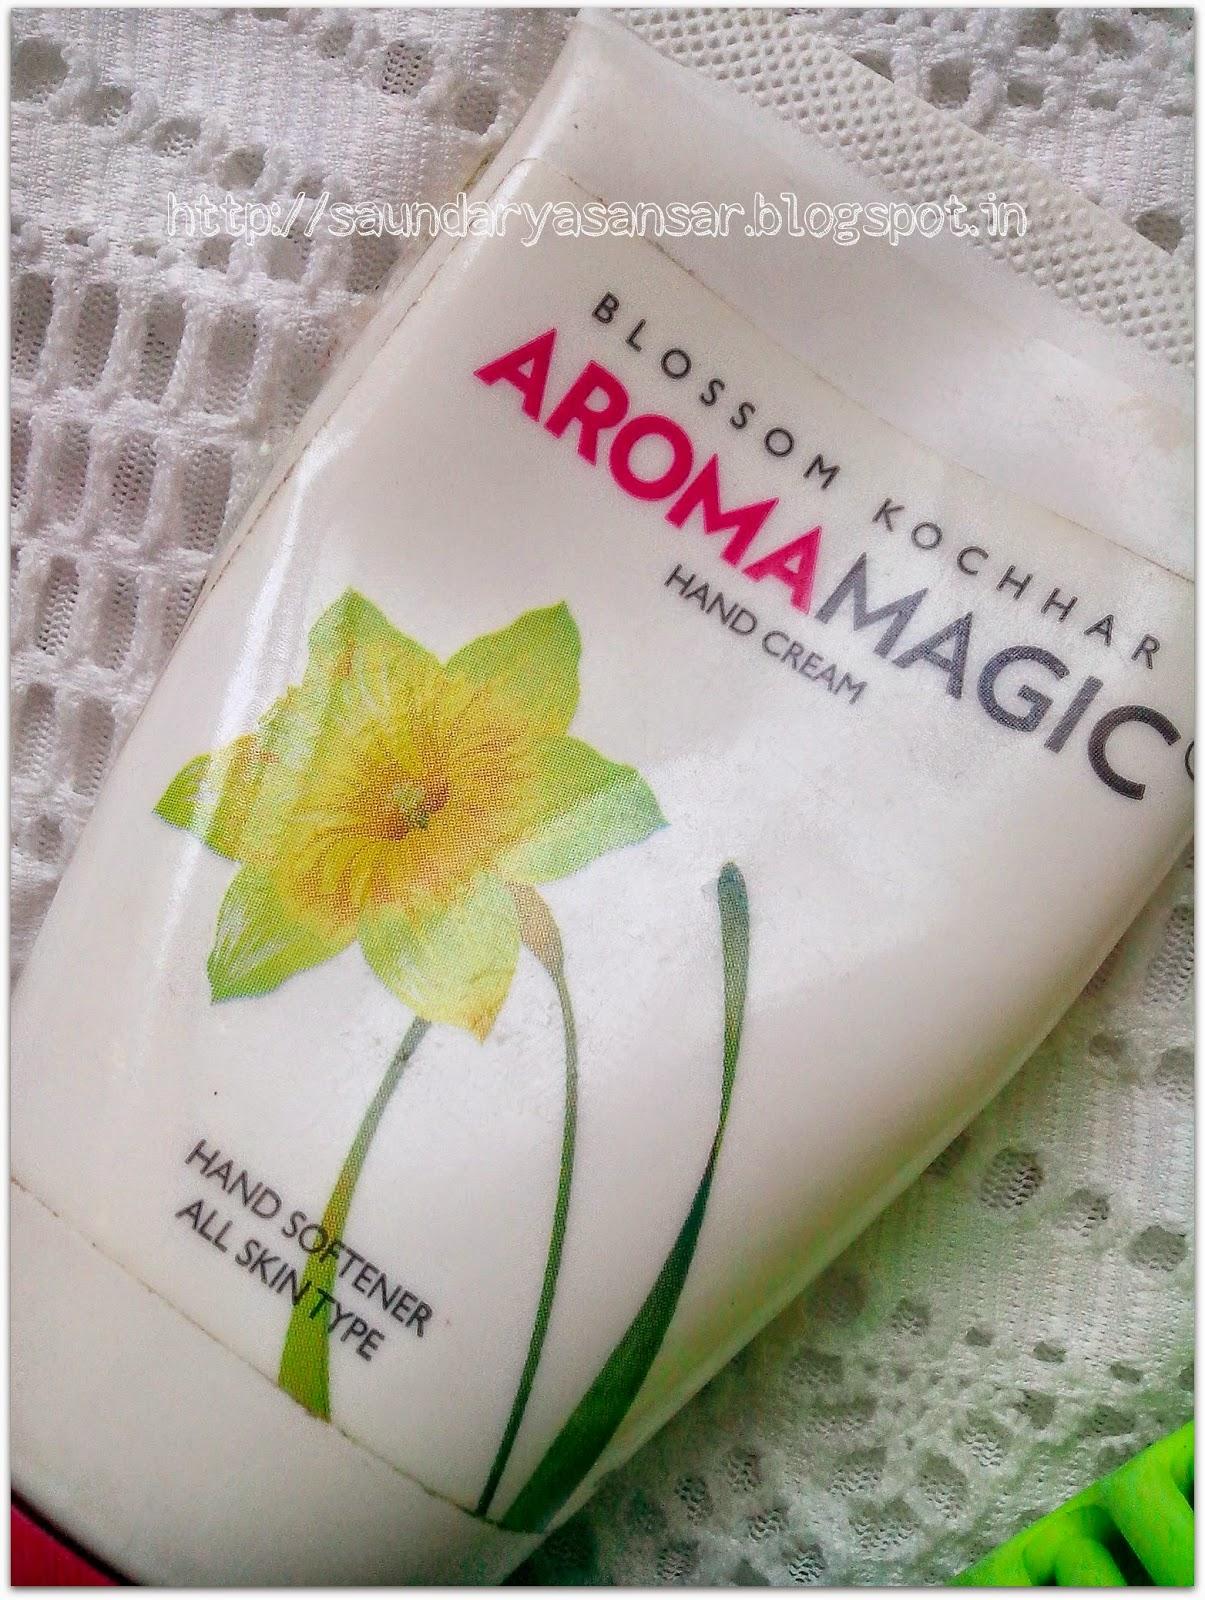 Blossom Kochhar Aroma Magic Hand Cream Review